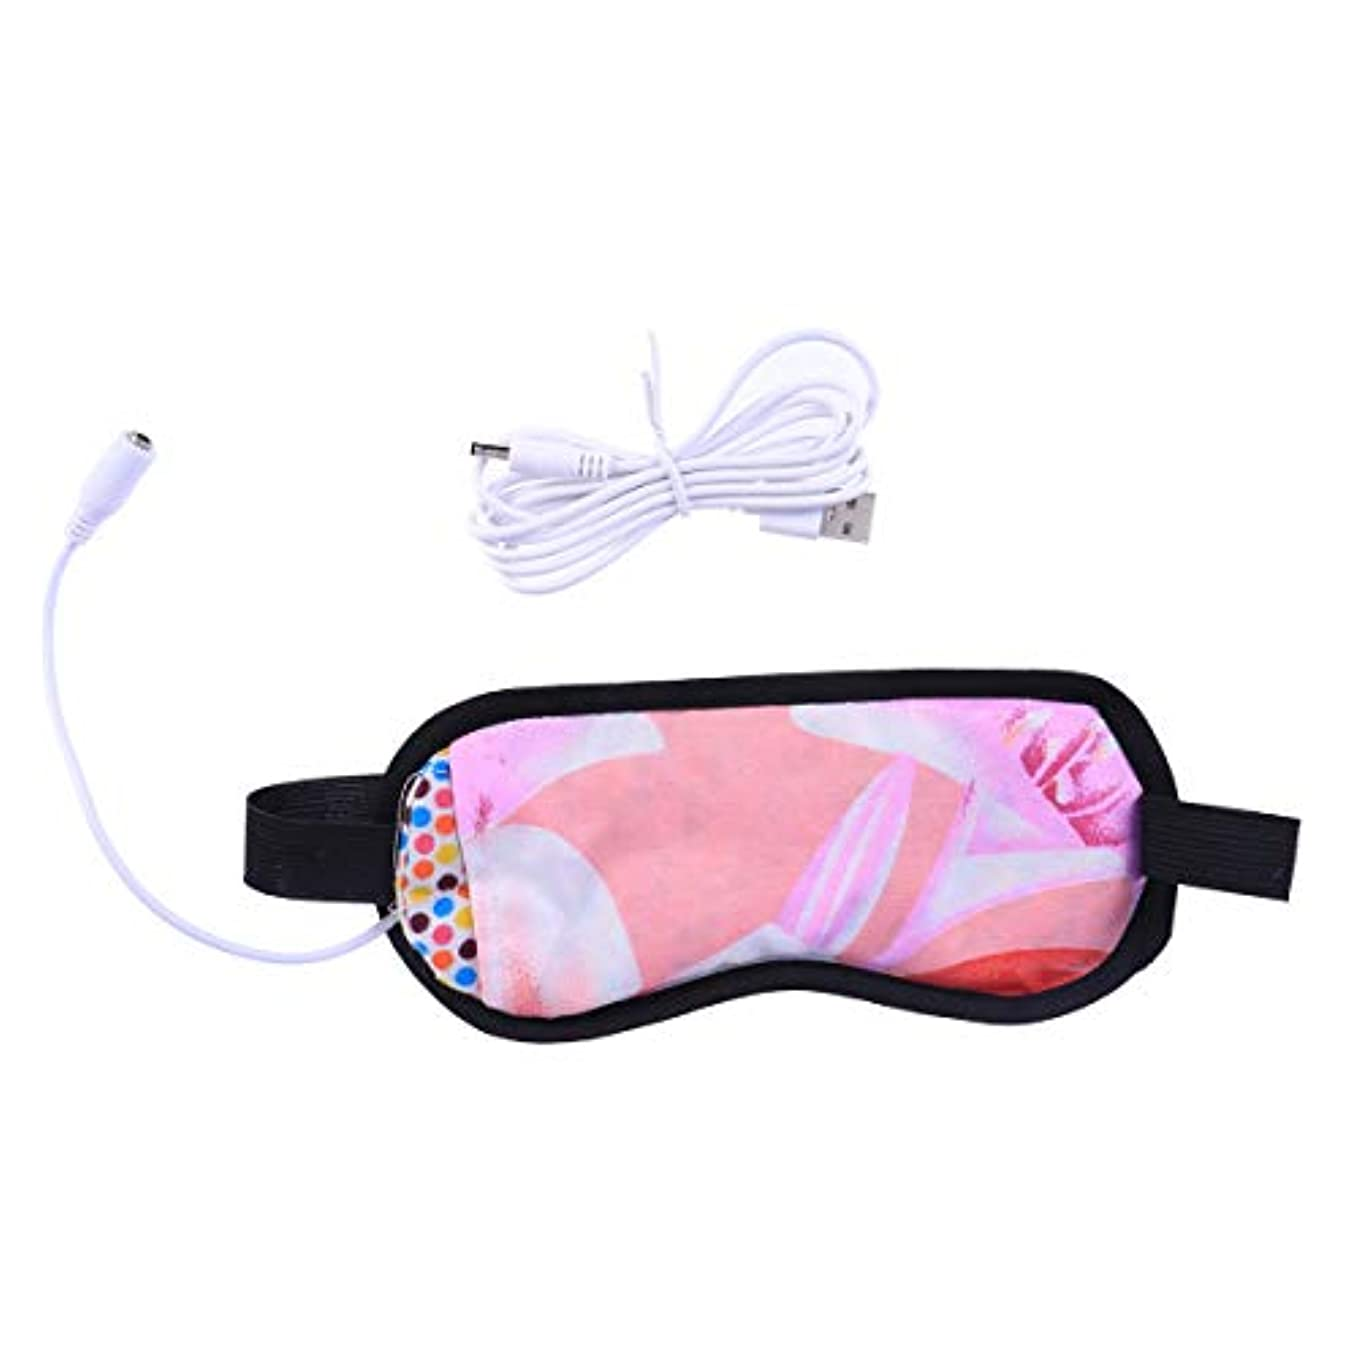 メダリスト寛大なプレートHealifty USBケーブル付きUSB加熱アイマスクポータブルスリープマスク